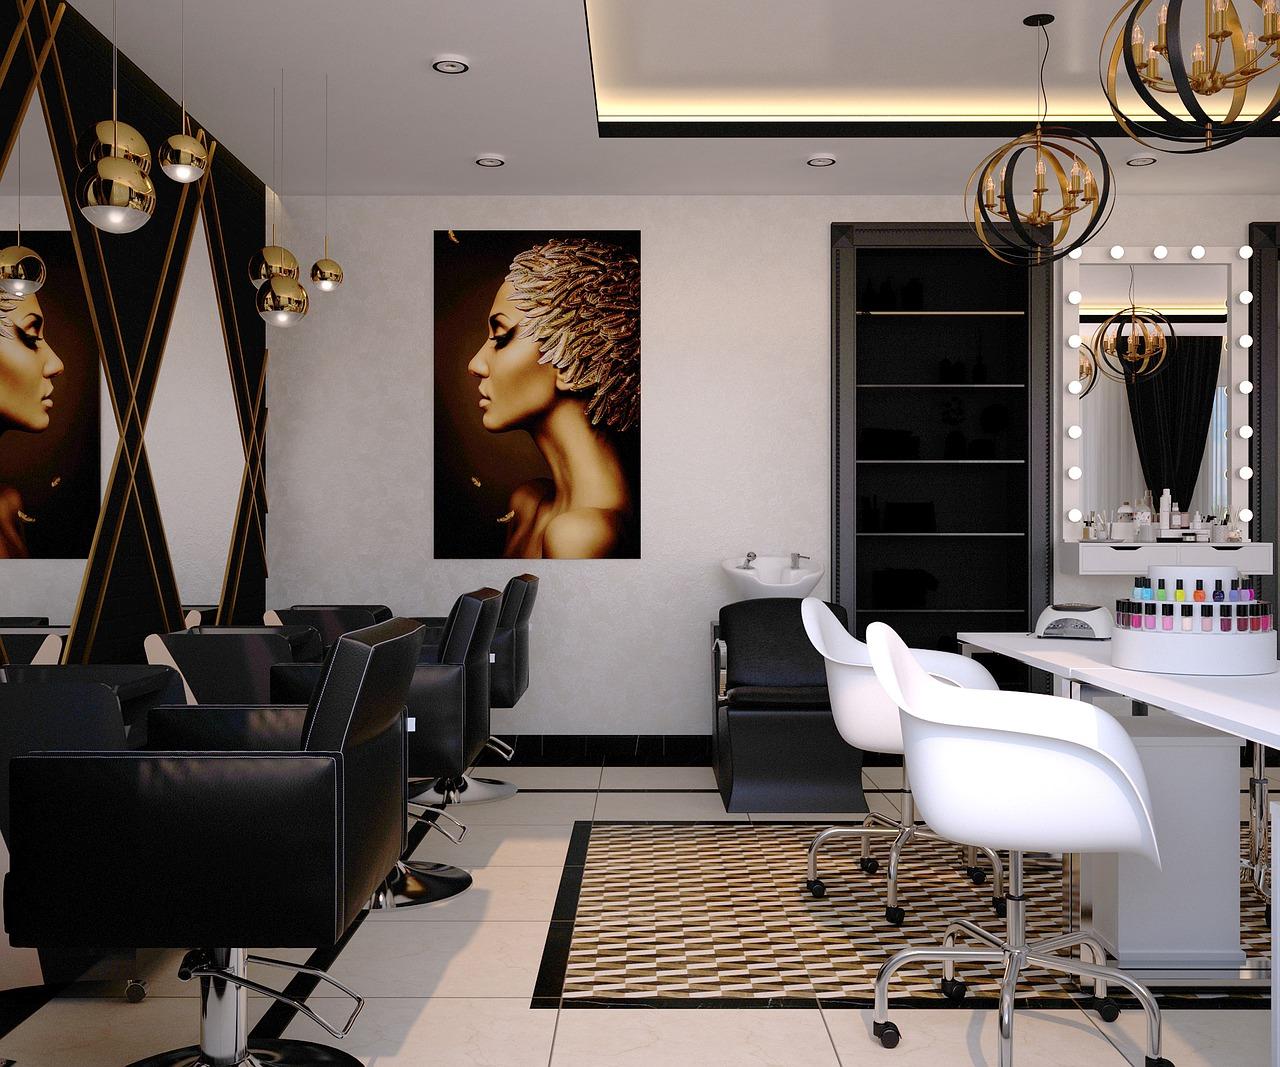 Wysokiej jakości kosmetyki i akcesoria dla mężczyzn